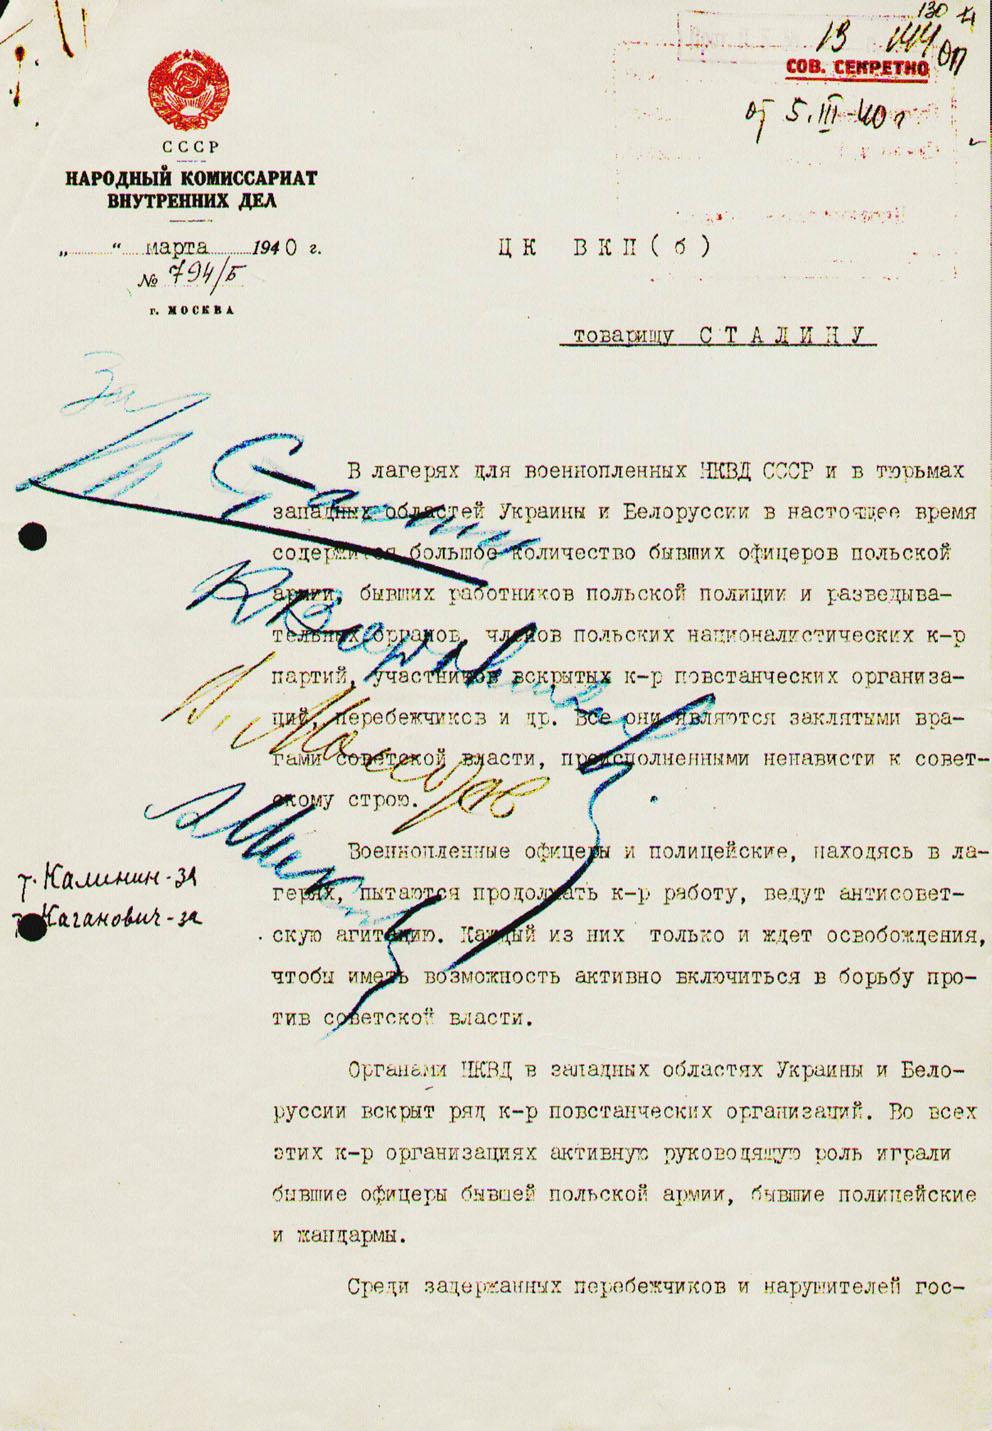 Strona 1 dokumentu